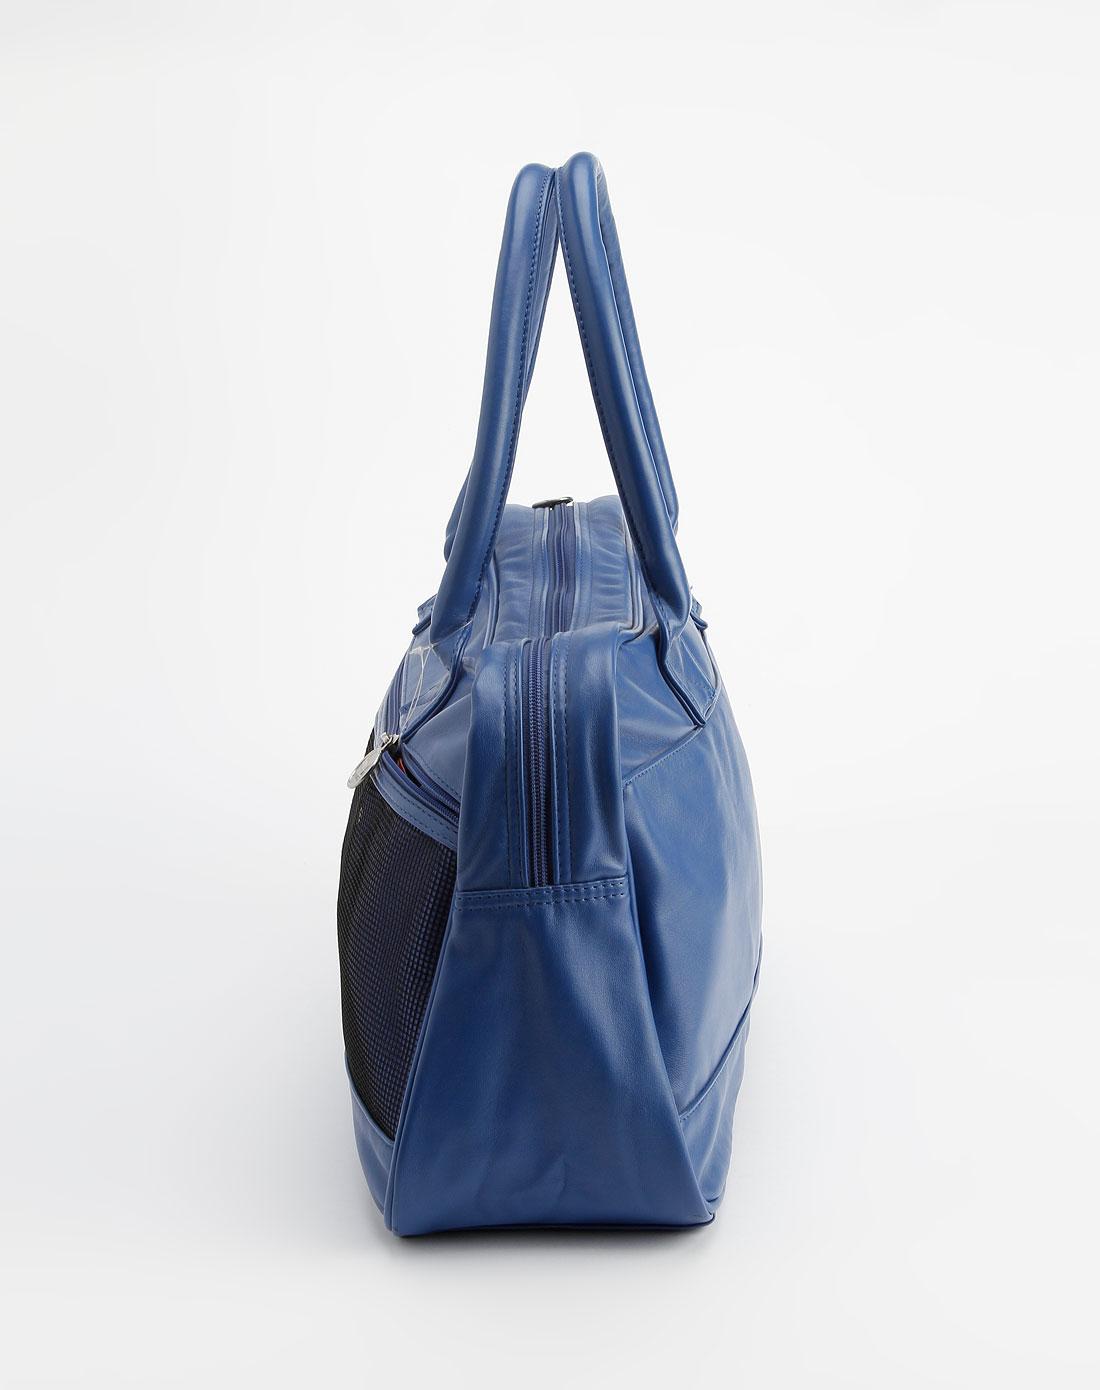 彪马puma-紫蓝色时尚手提包